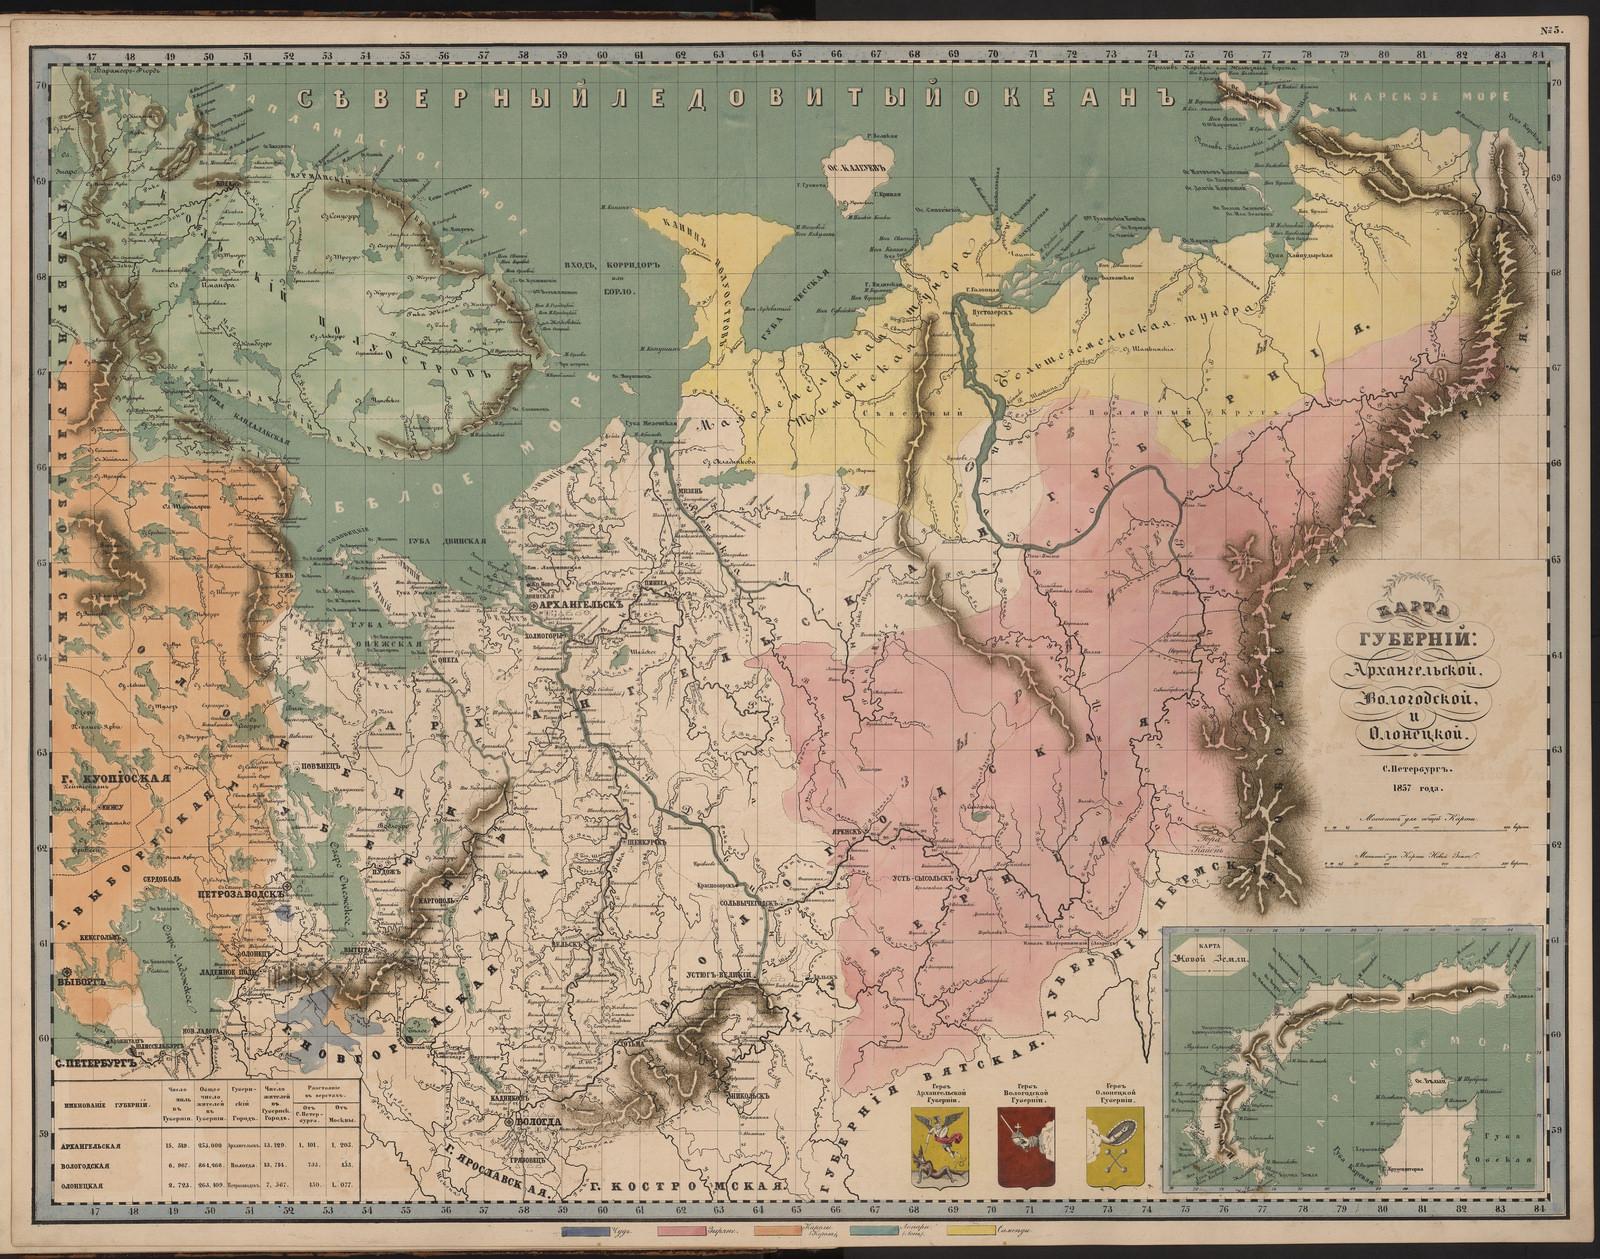 05а. Карта губерний Архангельской, Вологодской и Олонецкой (этнограф)